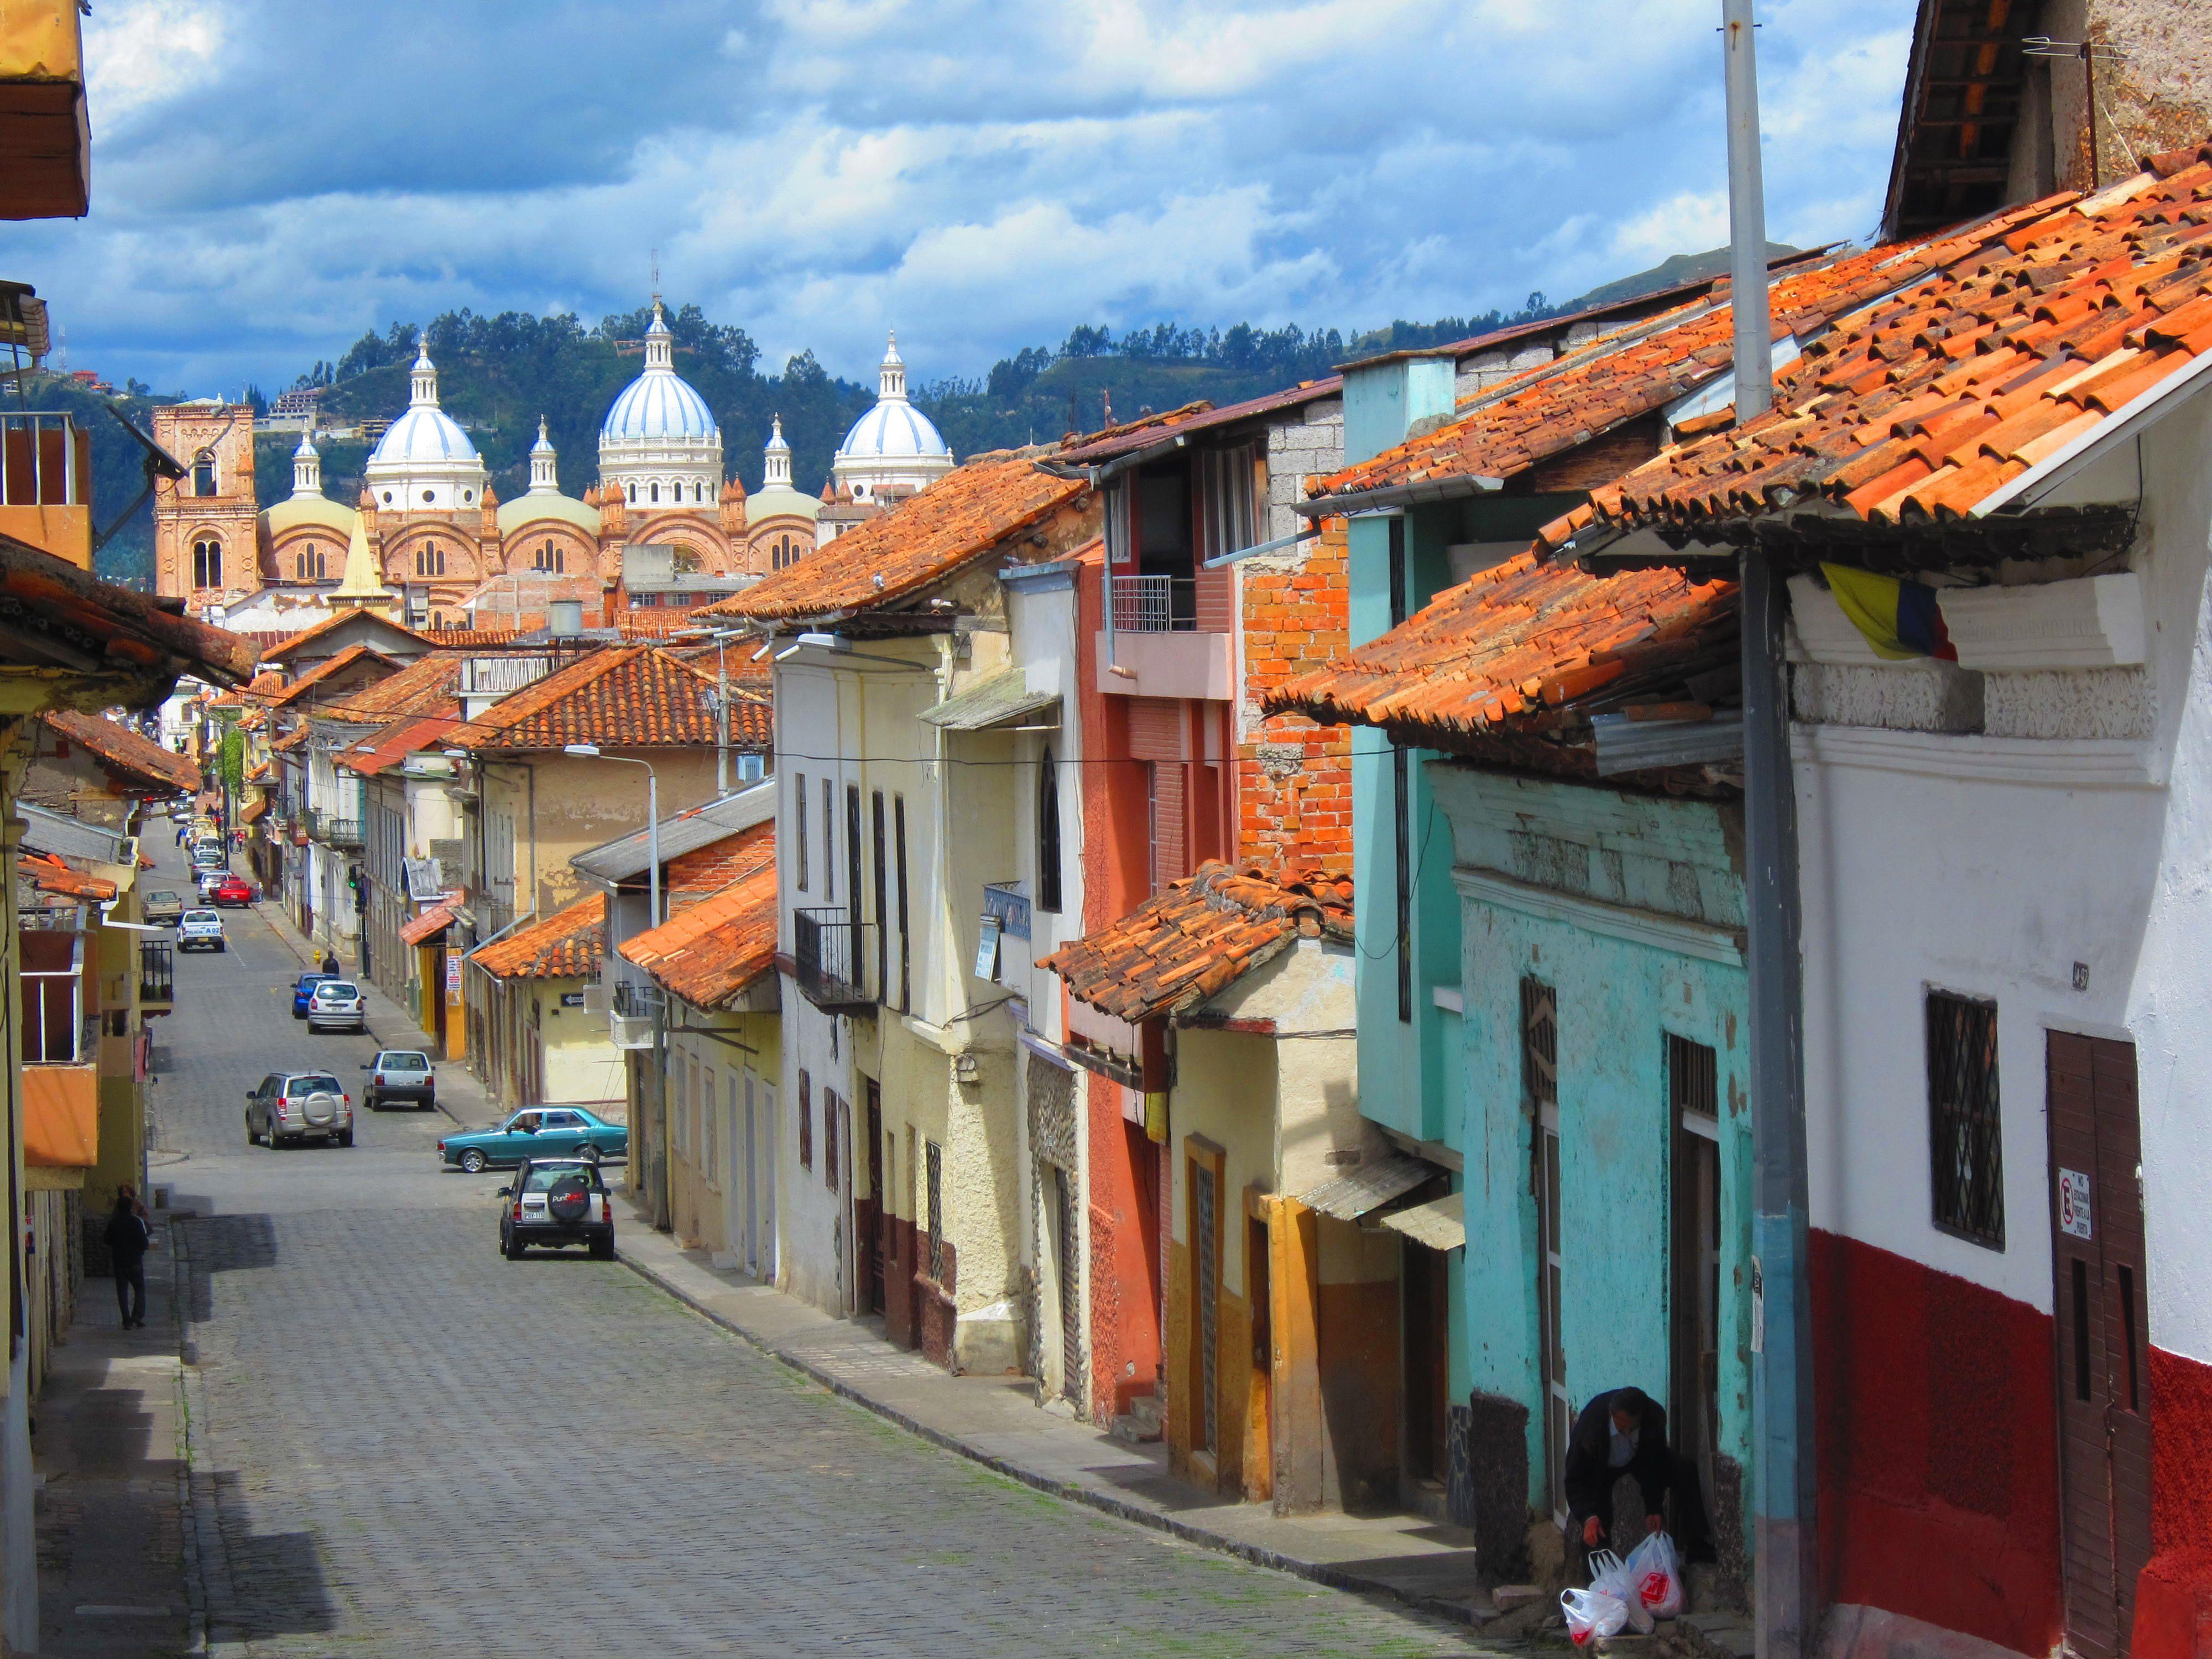 Cuenca, Ecuador: Ecuador's colonial jewel